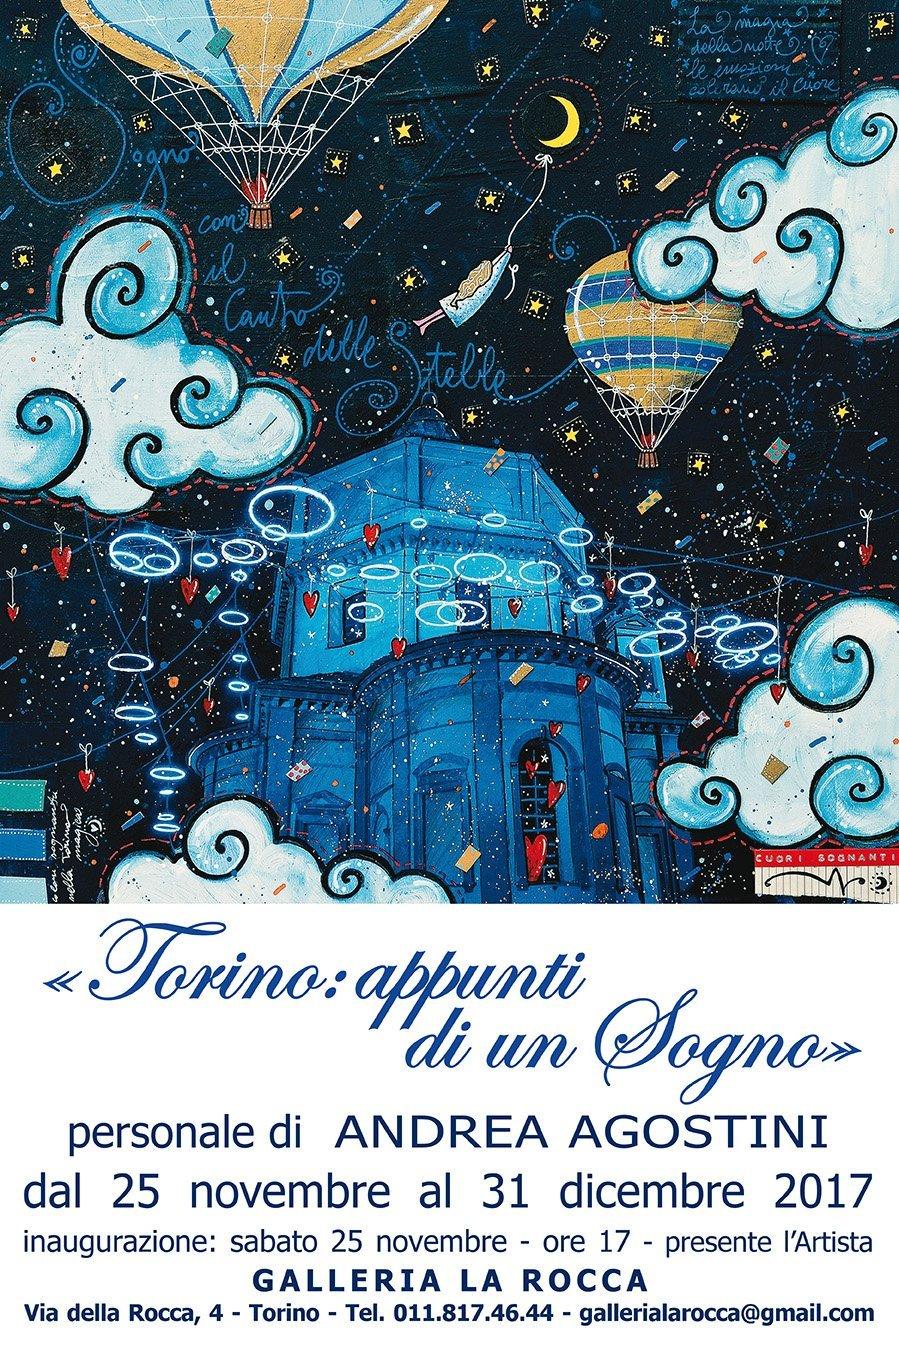 Torino: appunti di un Sogno